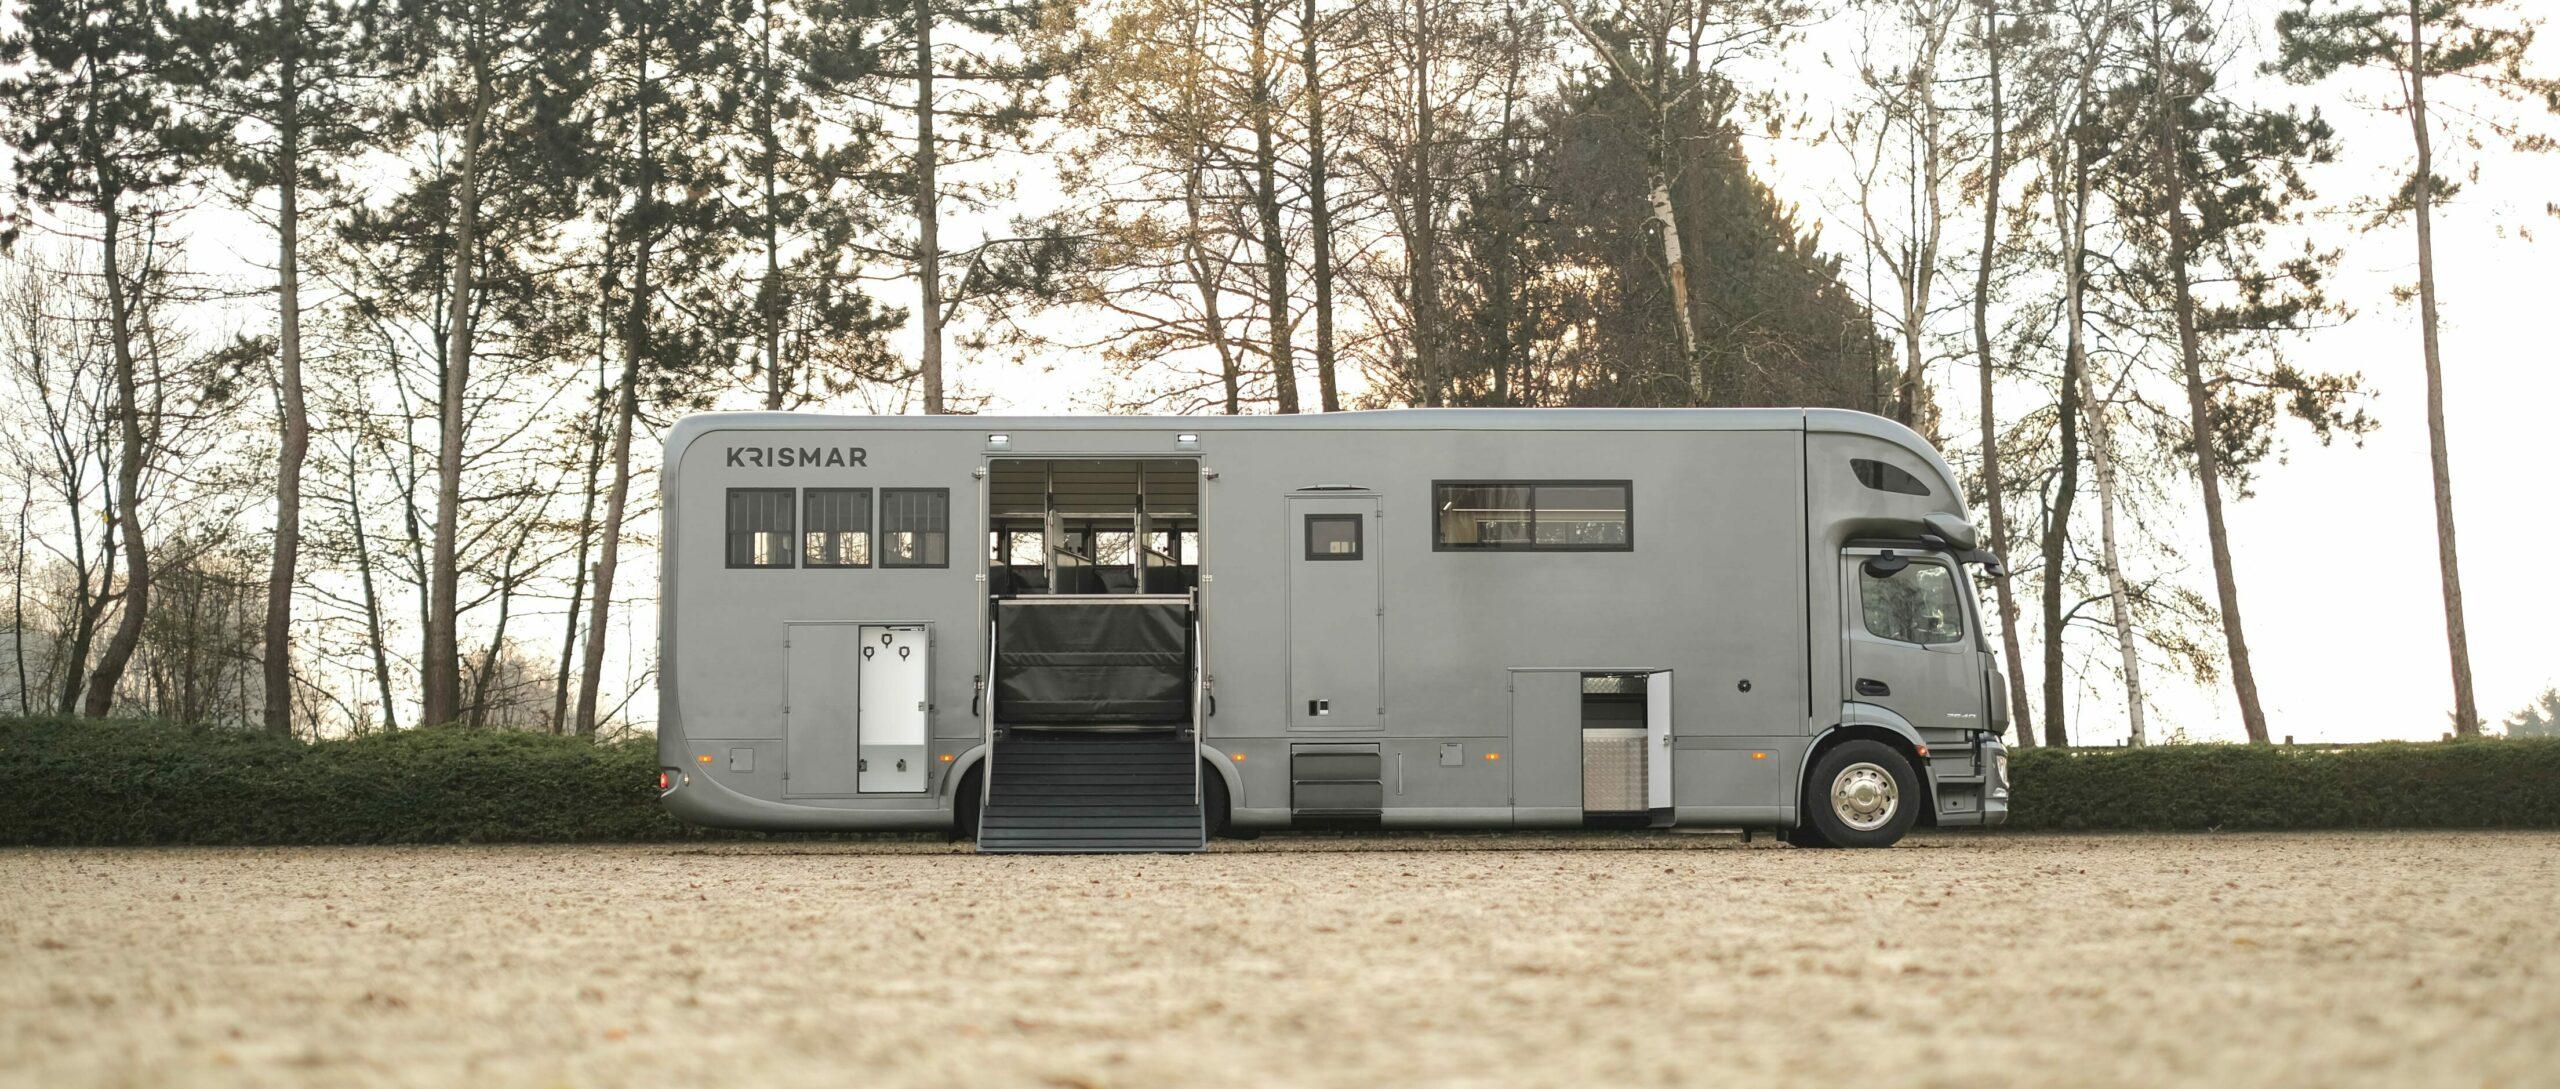 Krismar horsetruck paardenvrachtwagen in een grijze kleur